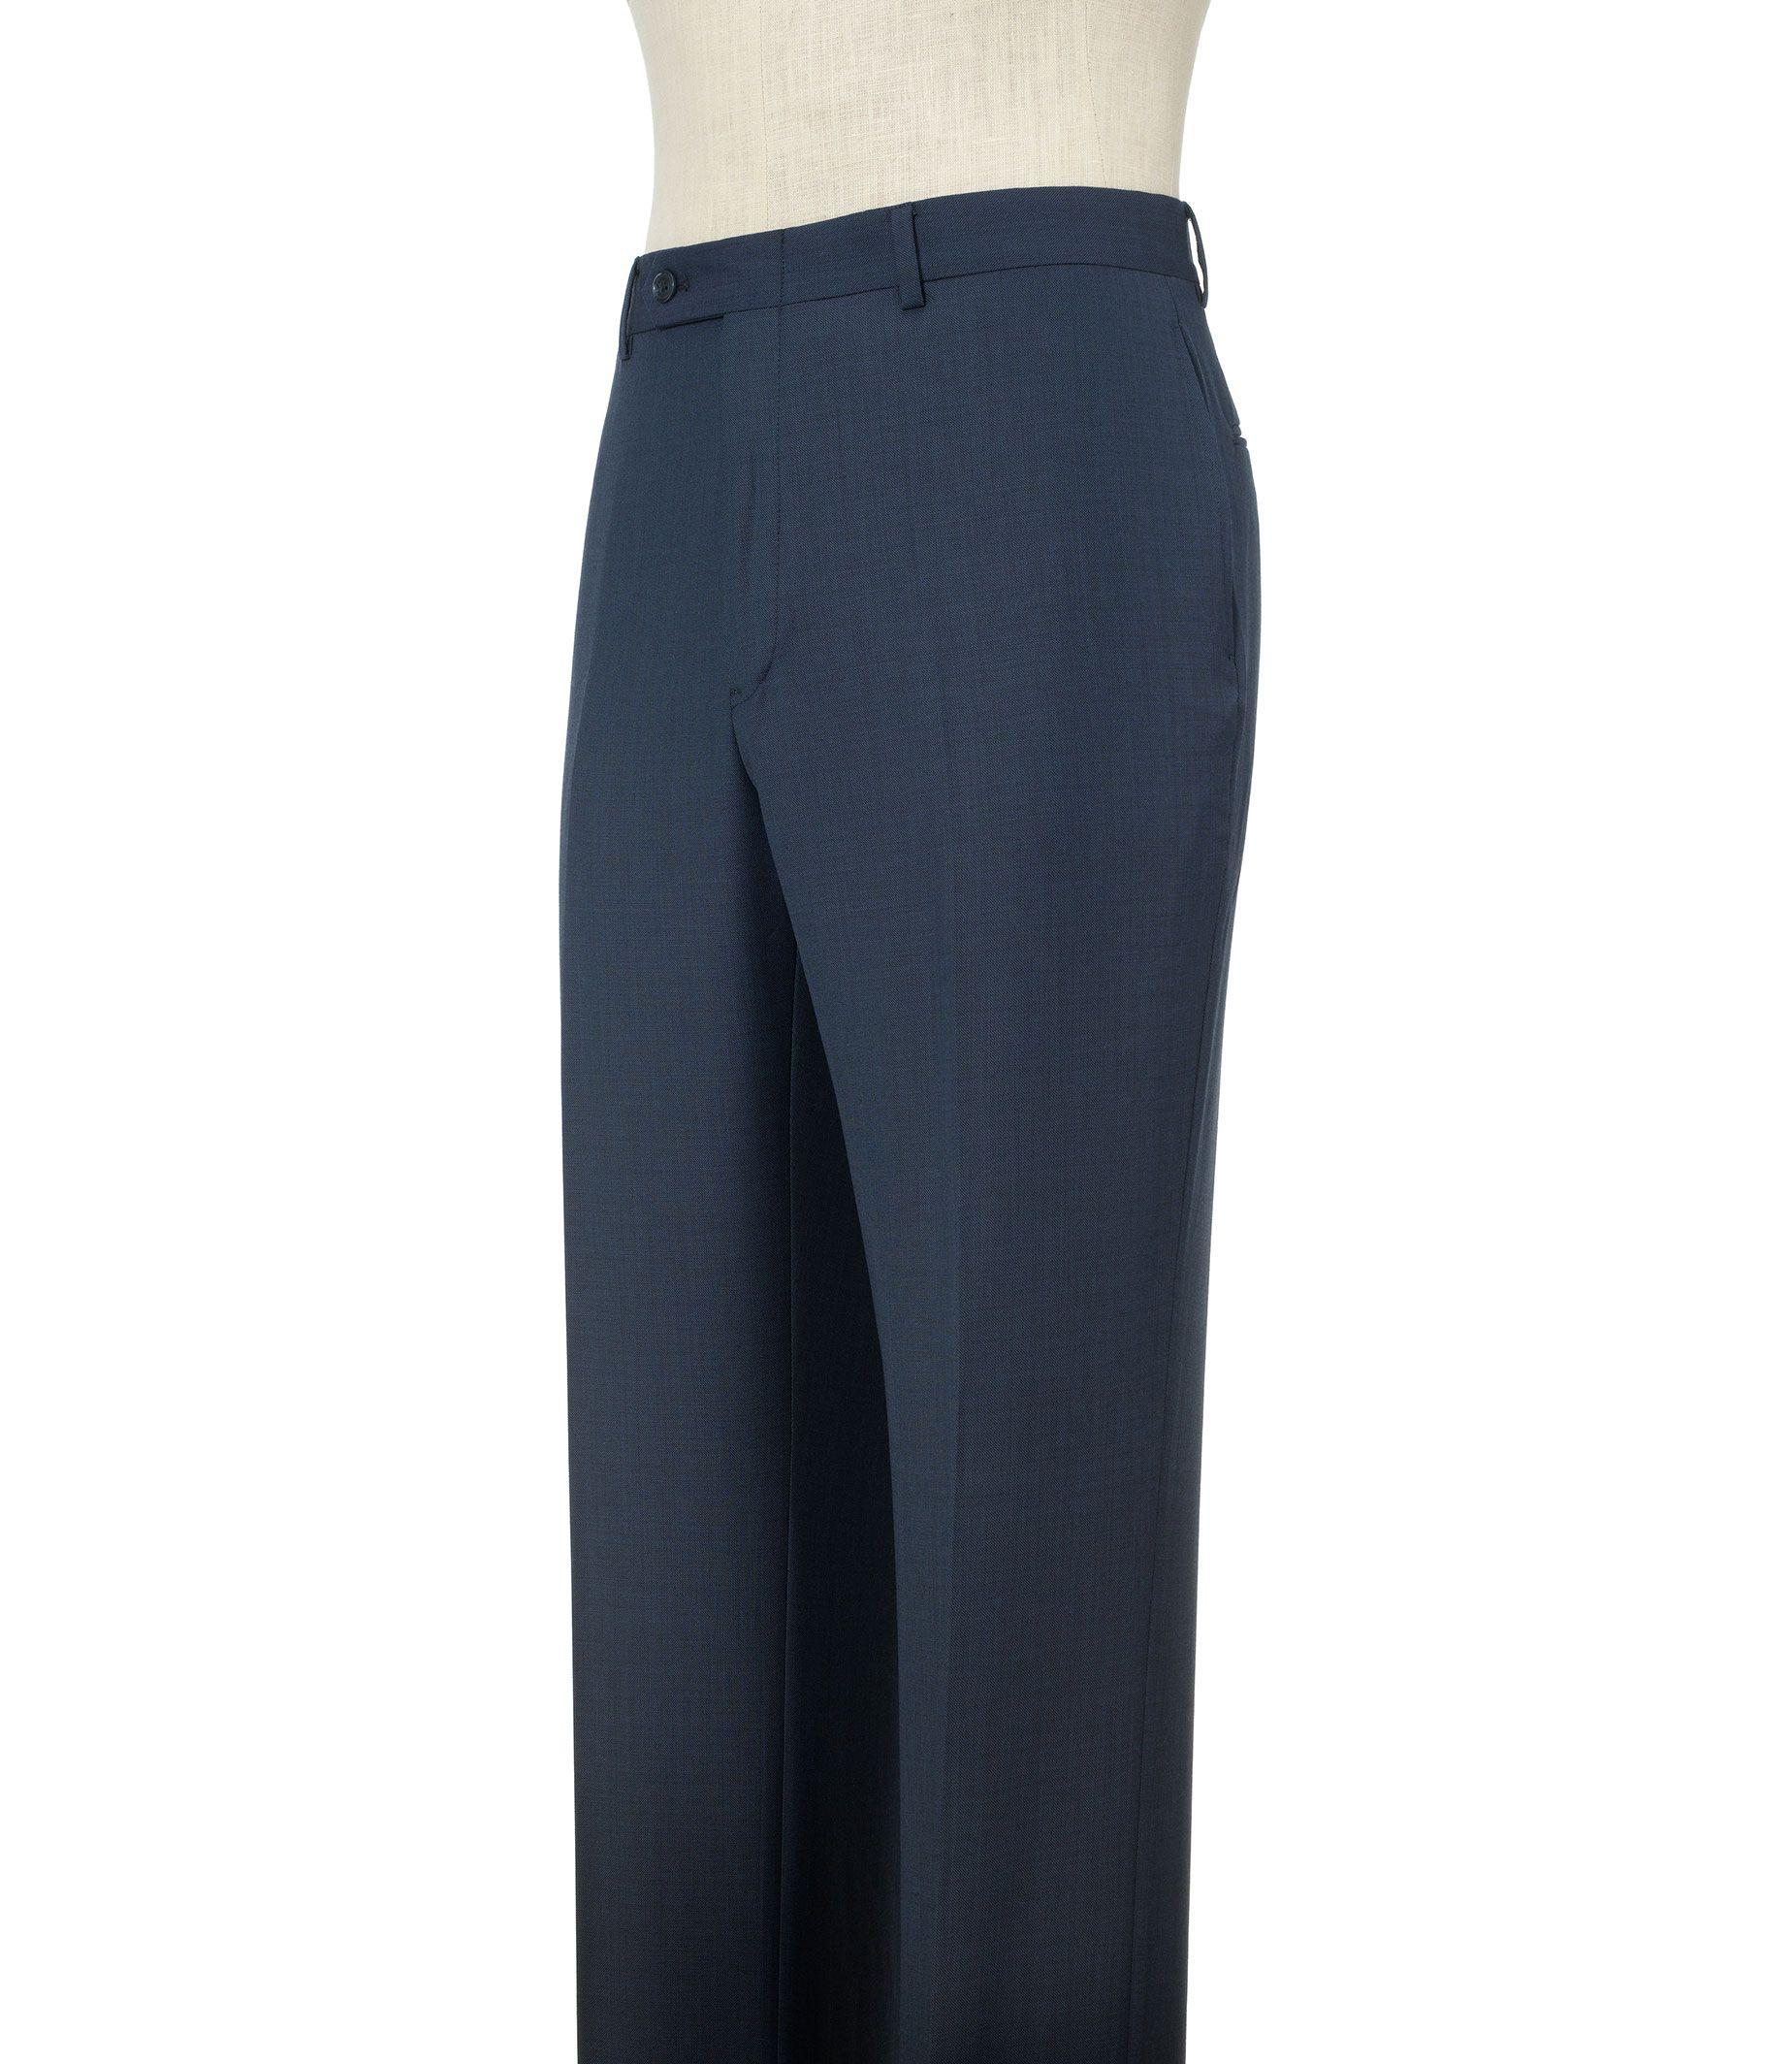 Tommy Hilfiger Wool Suit Separates Plain Front Pants